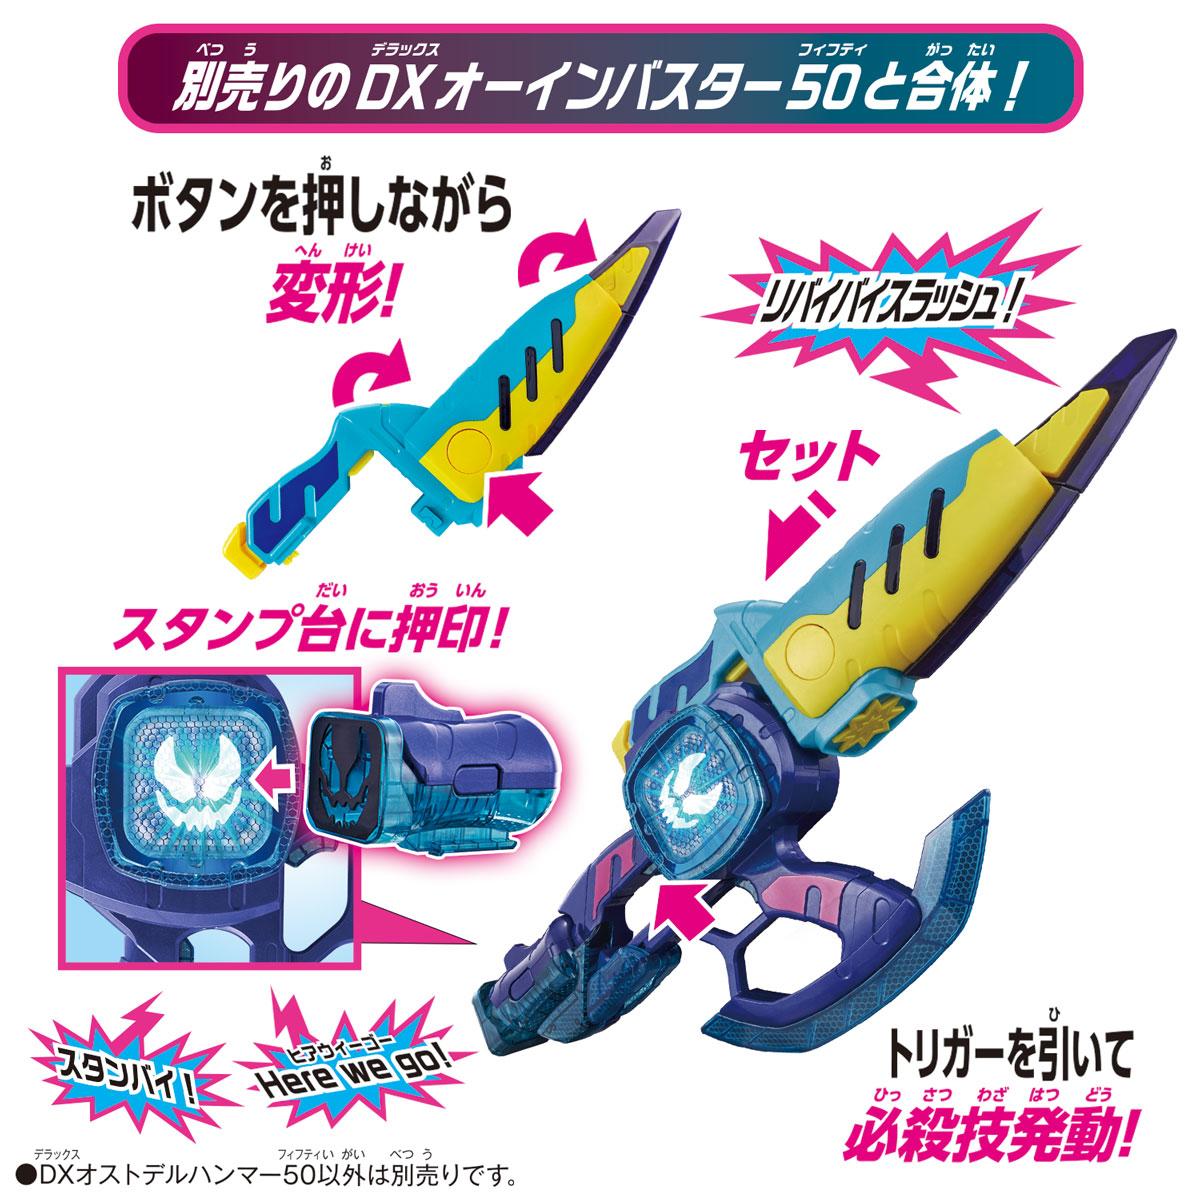 仮面ライダーリバイス 変身ベルト『DXオストデルハンマー50』変身なりきり-006